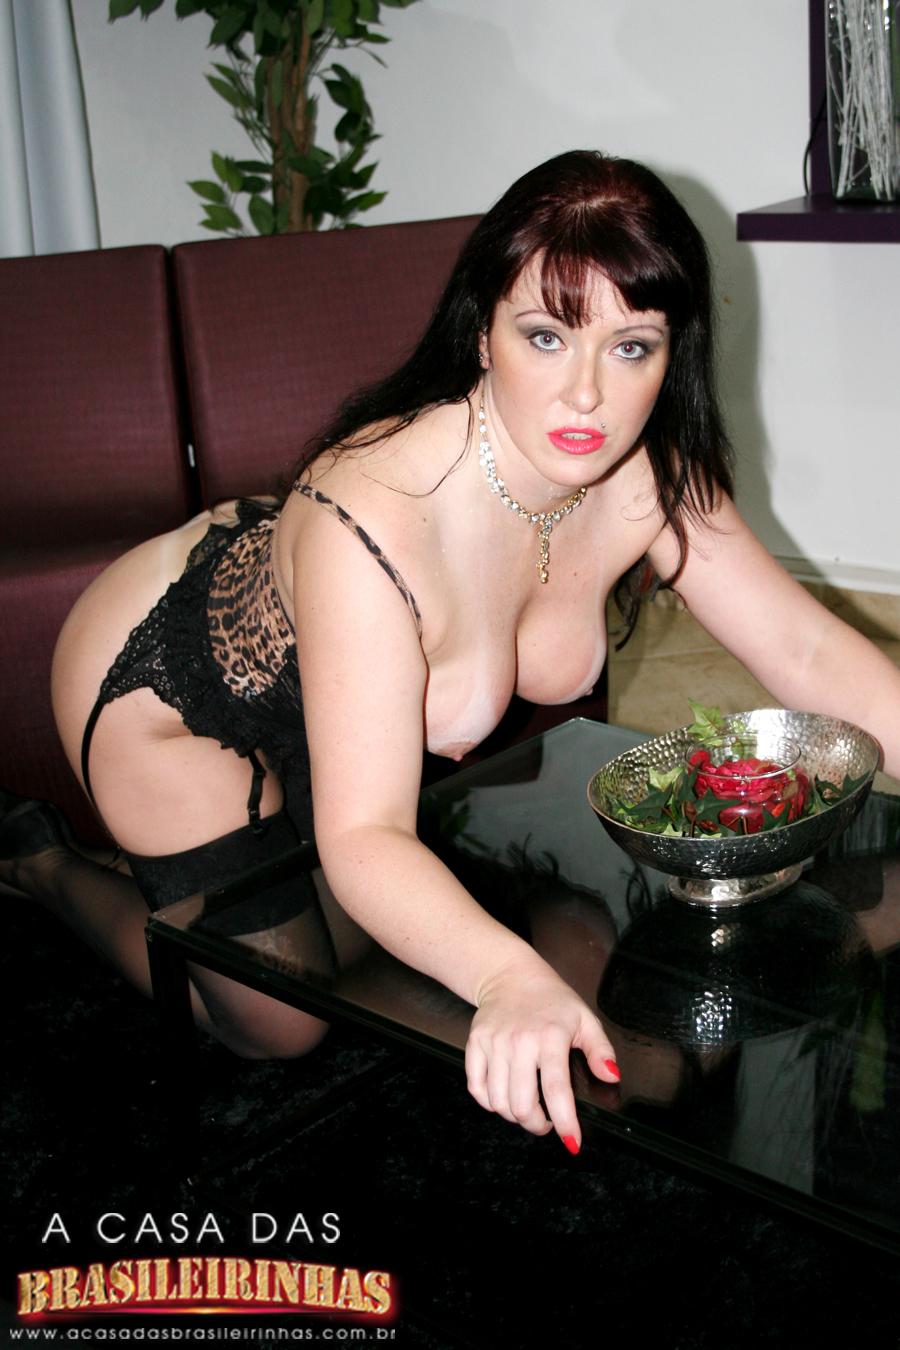 gabriela-portiolli-na-mesa-de-quatro-mostrando-os-peitos.jpg